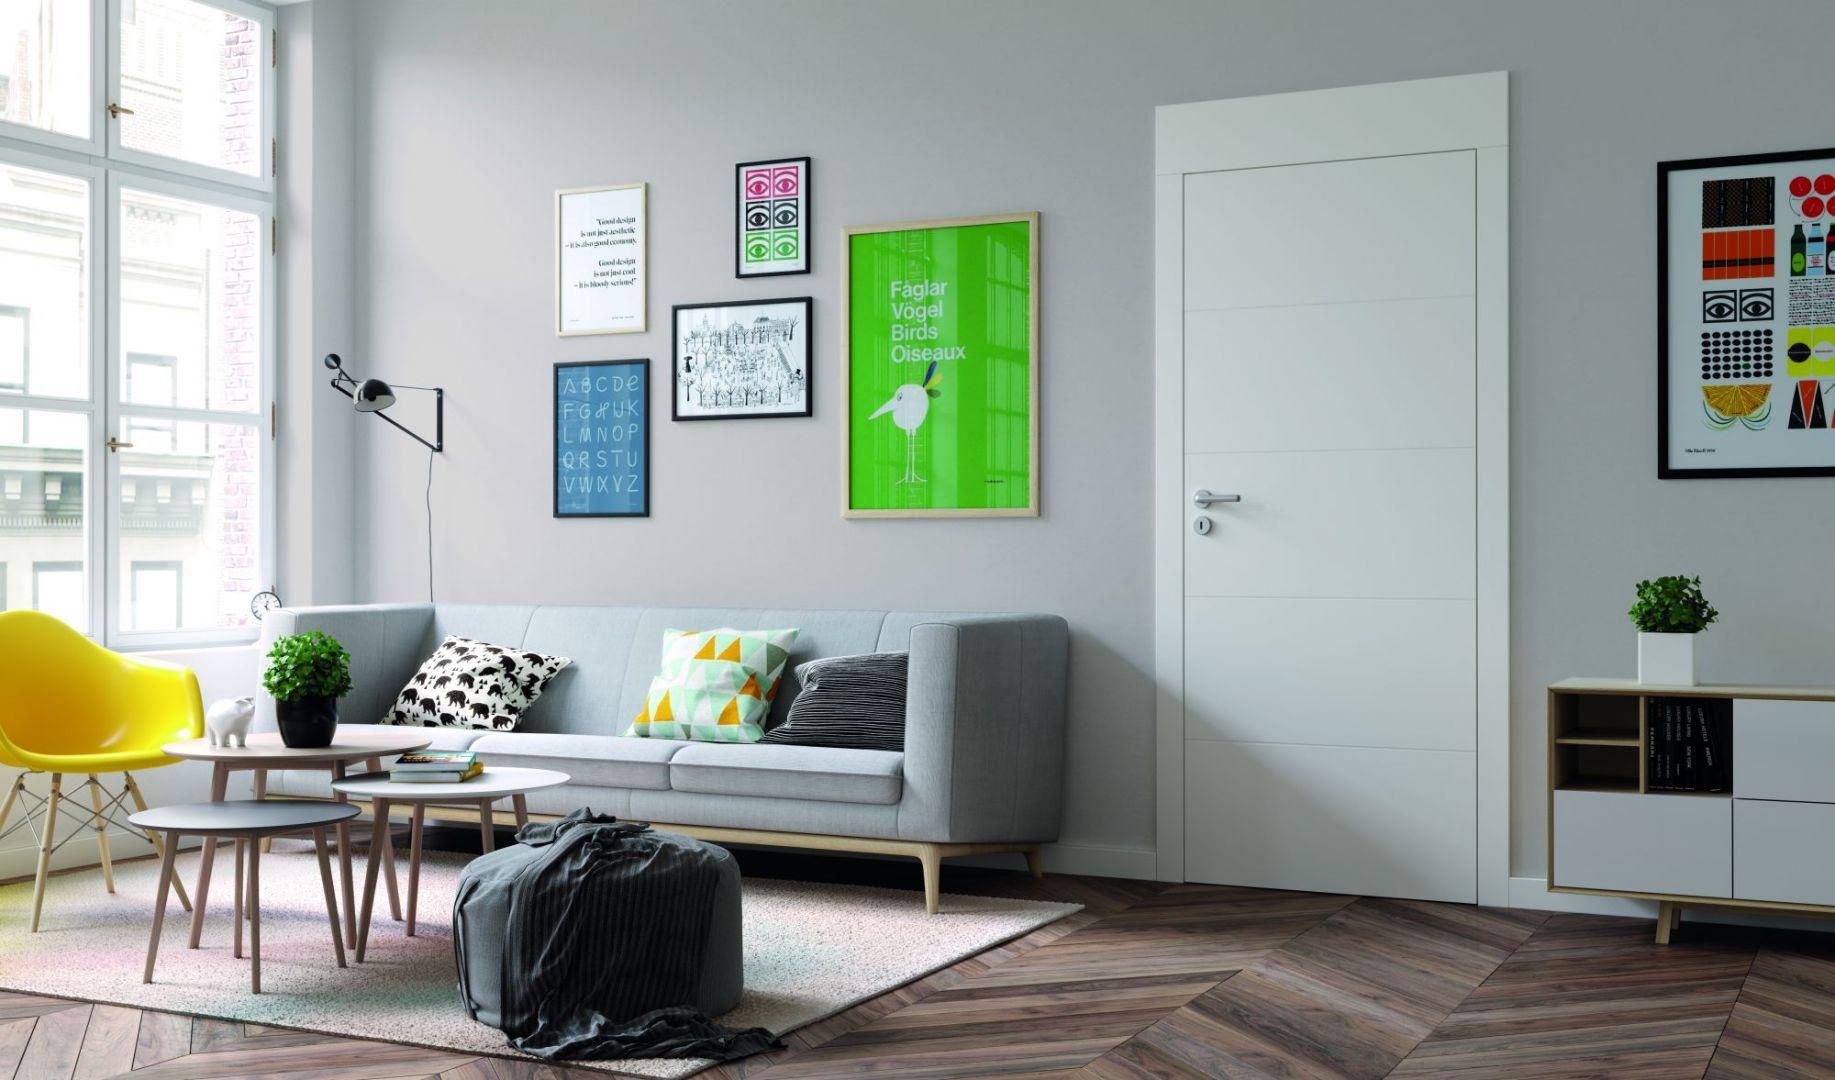 Aranżacja wnętrza - modne drzwi wewnętrzne. Fot. Porta